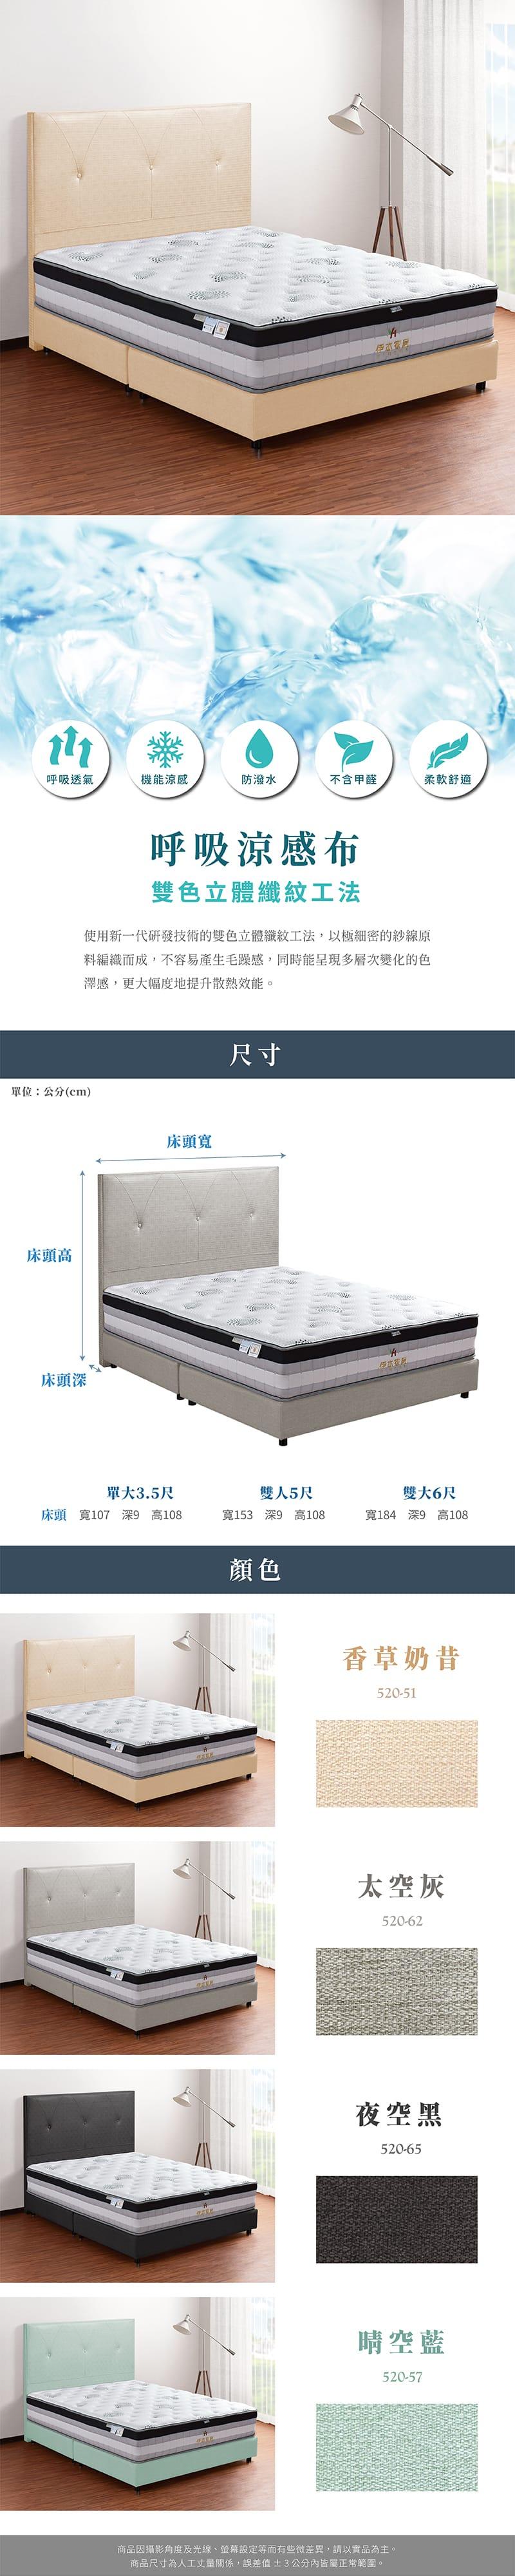 傑森 涼感布床頭片 雙人5尺